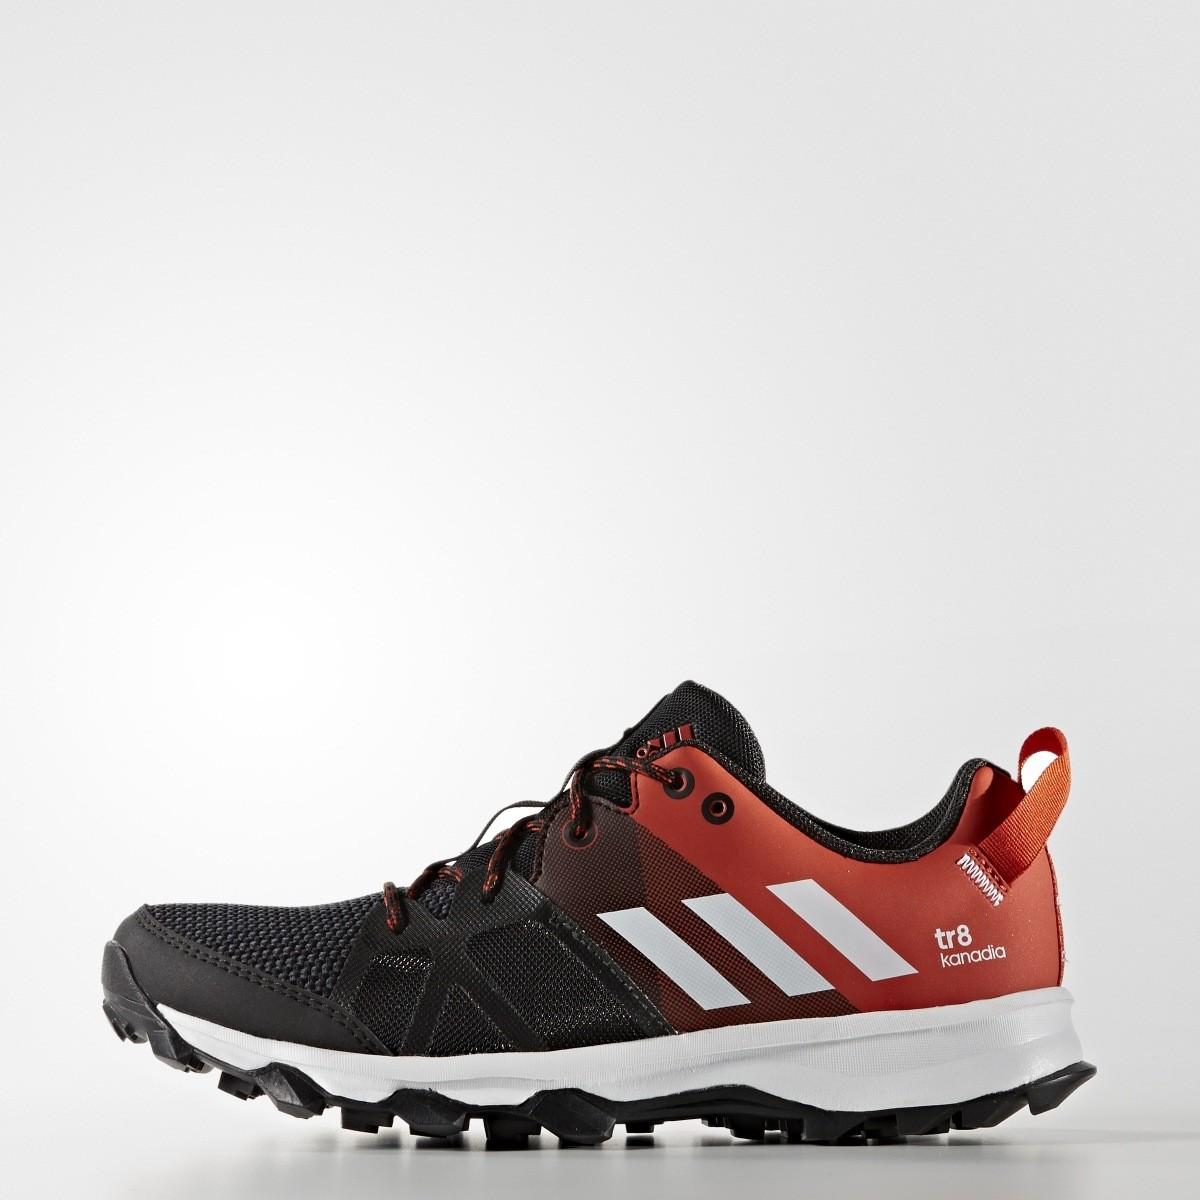 Dětské běžecké boty adidas Performance kanadia 8 k  5d76e190c2